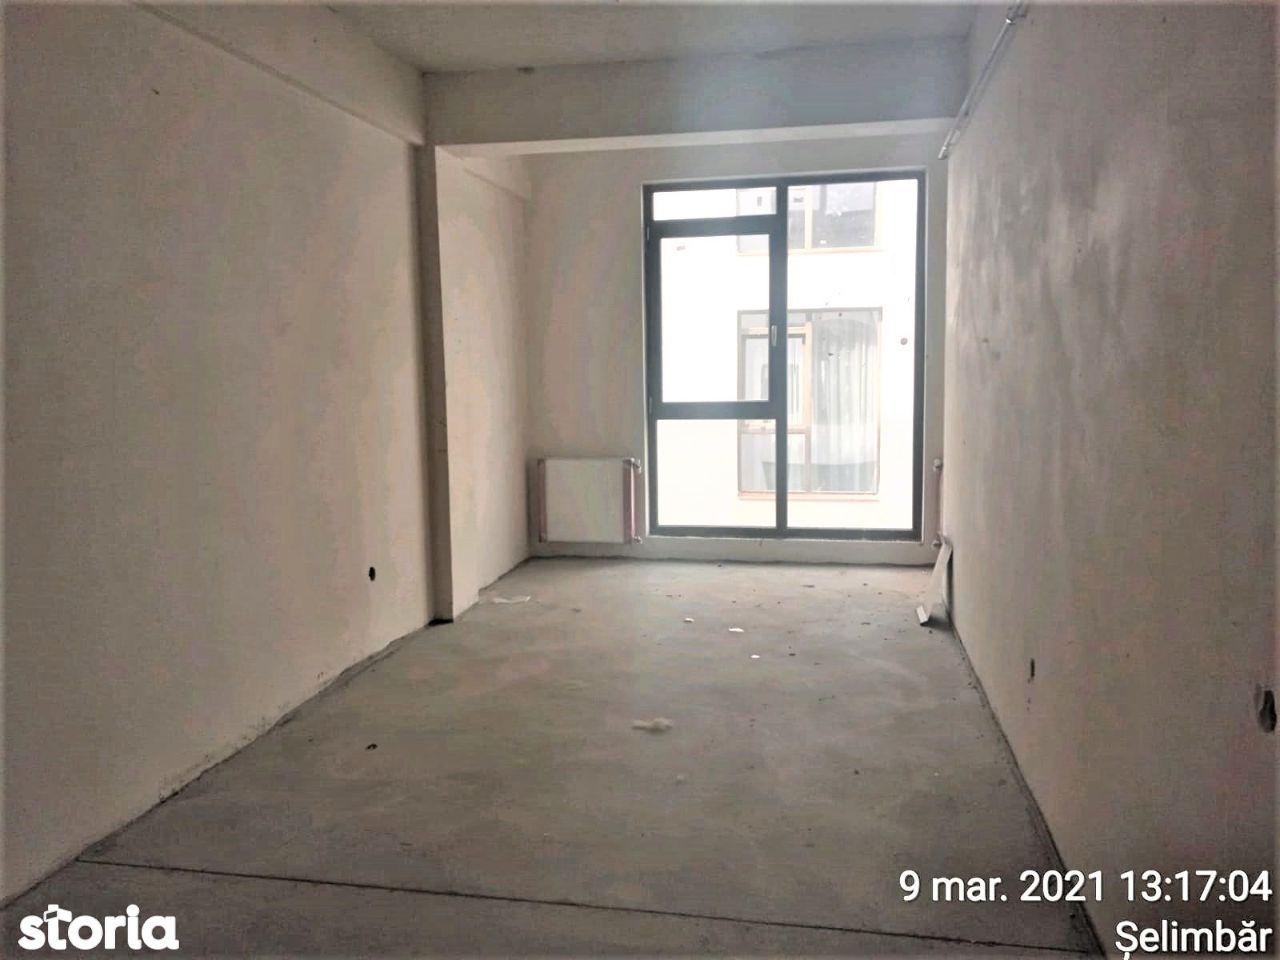 Apartament cu 2 camere zona Ostirii, Mihai Viteazu, Rahova Supeco lidl